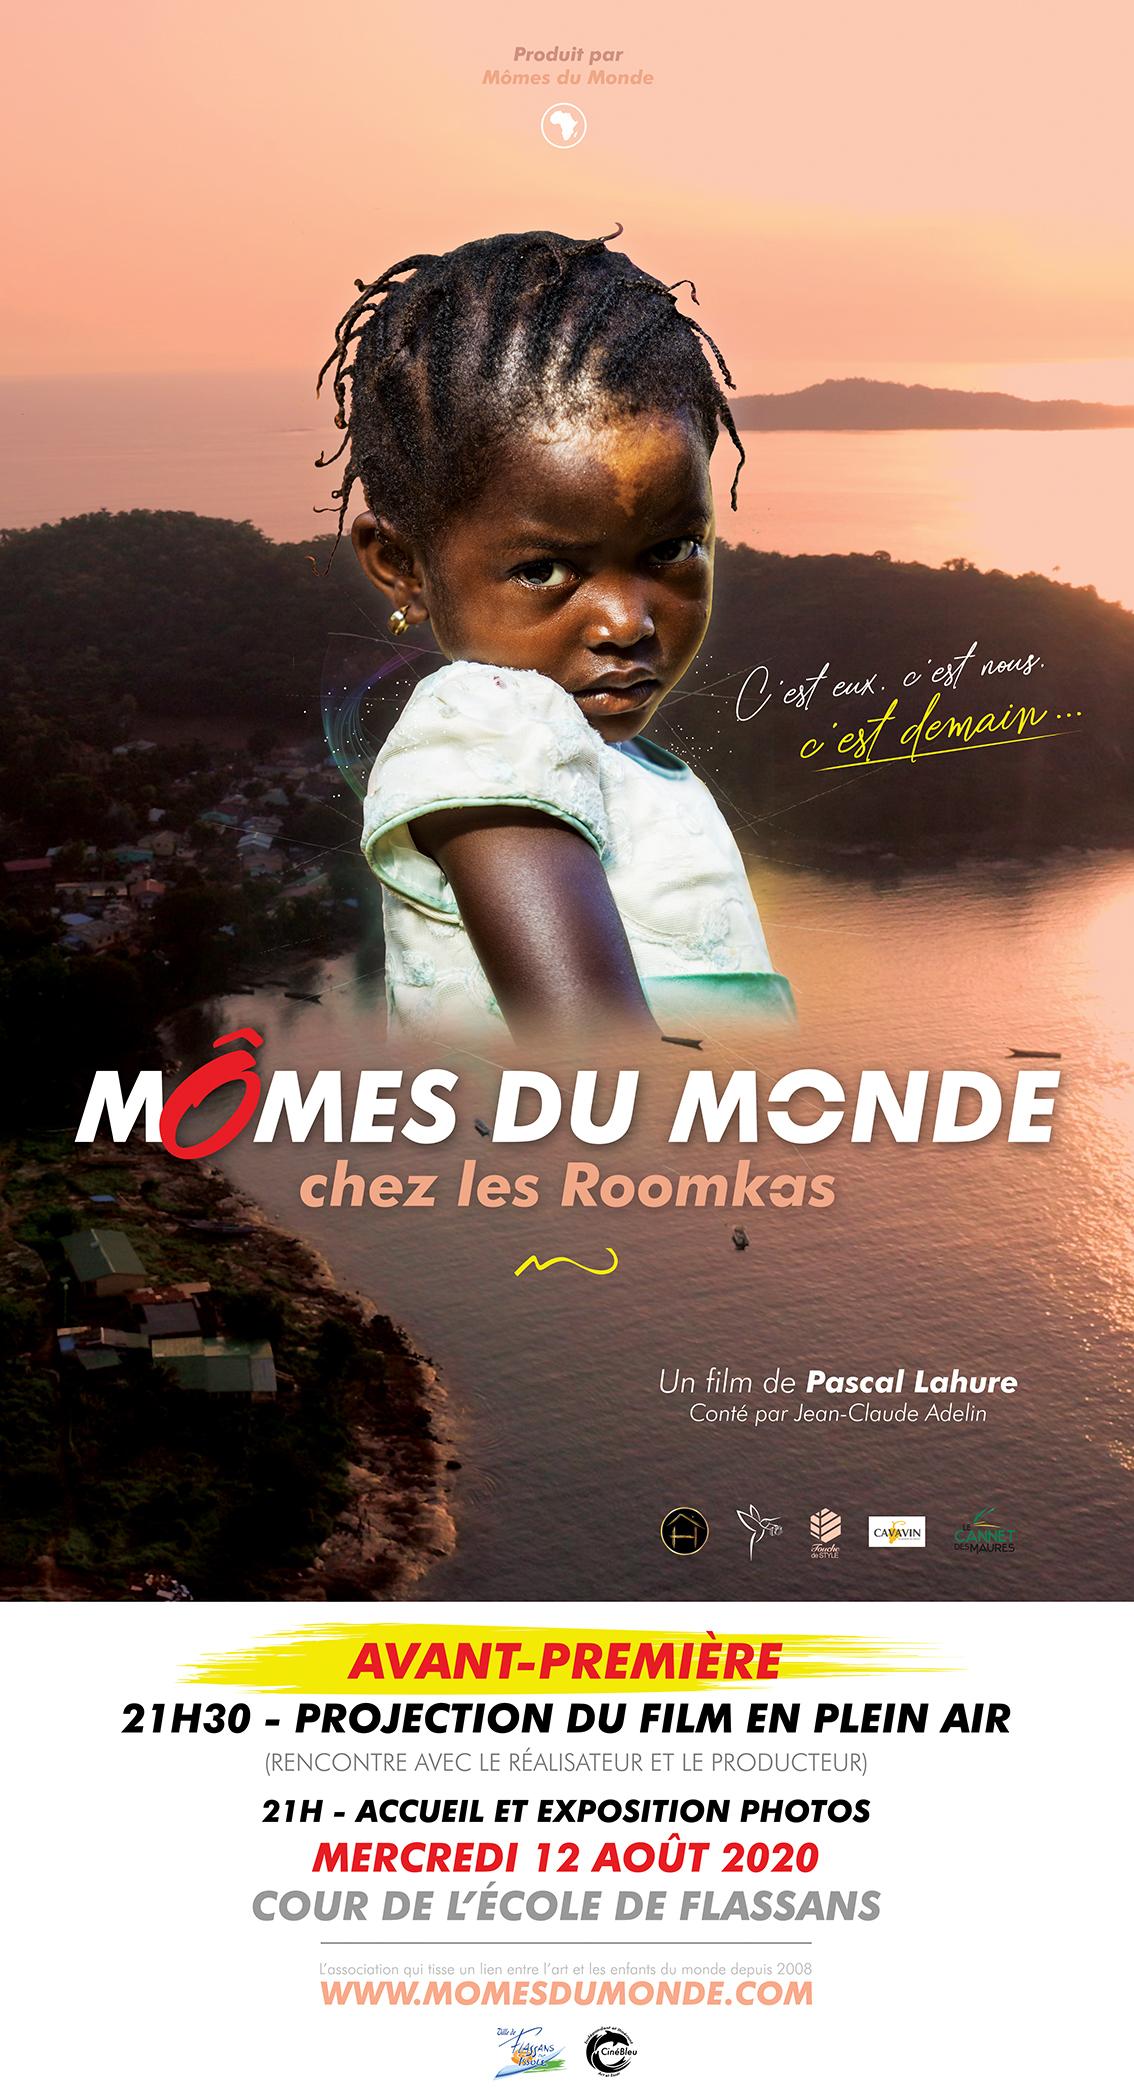 affiche rose enfant afrique